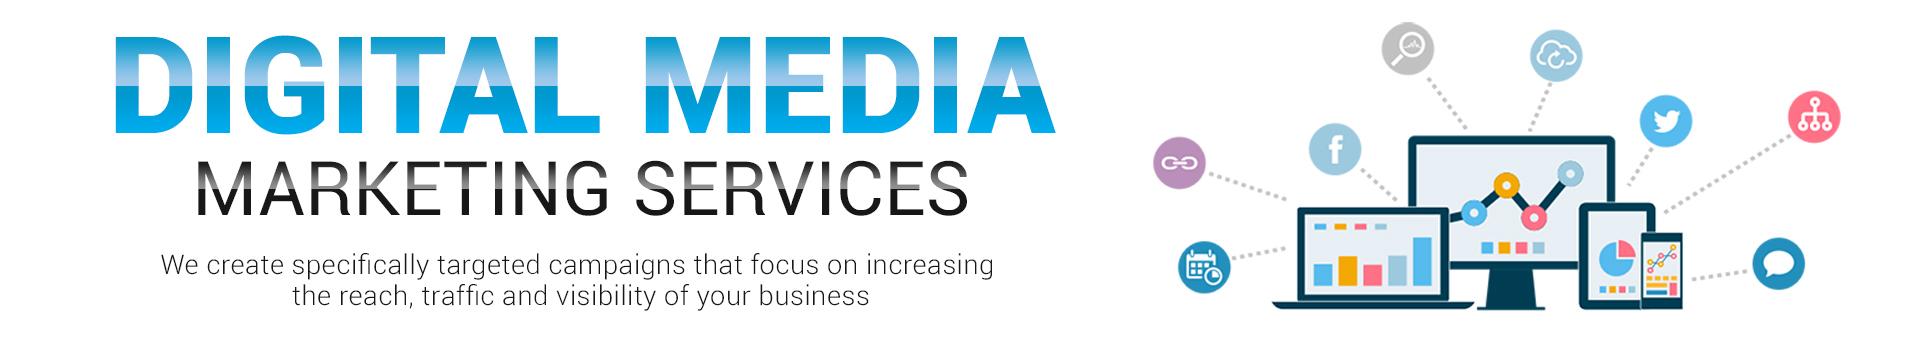 Digital Media Marketing Services | Quick Reach Media